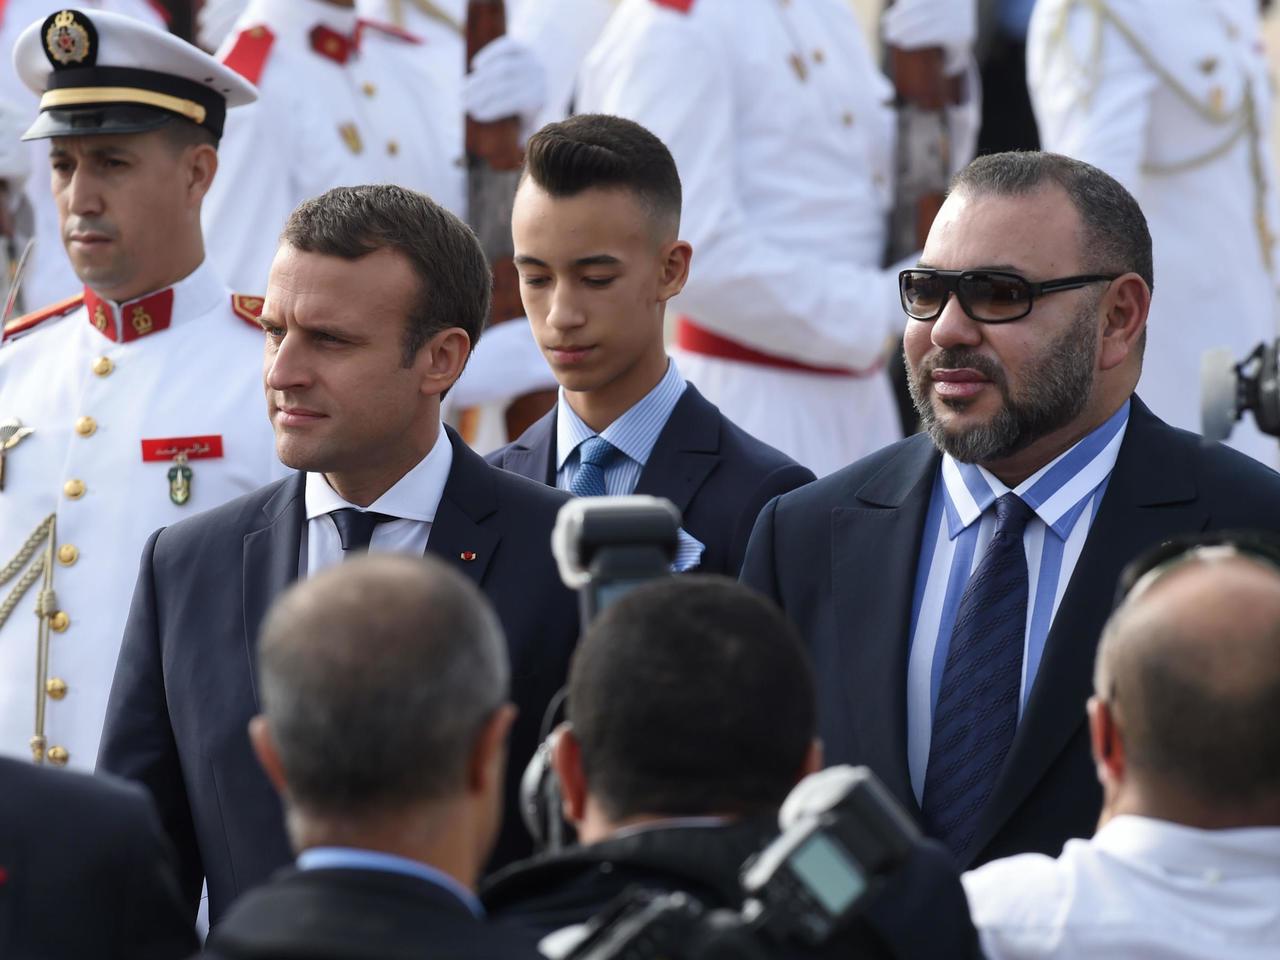 صورة أيام مصيرية تنتظر المغرب.. وأوروبا تنتظر الحسم